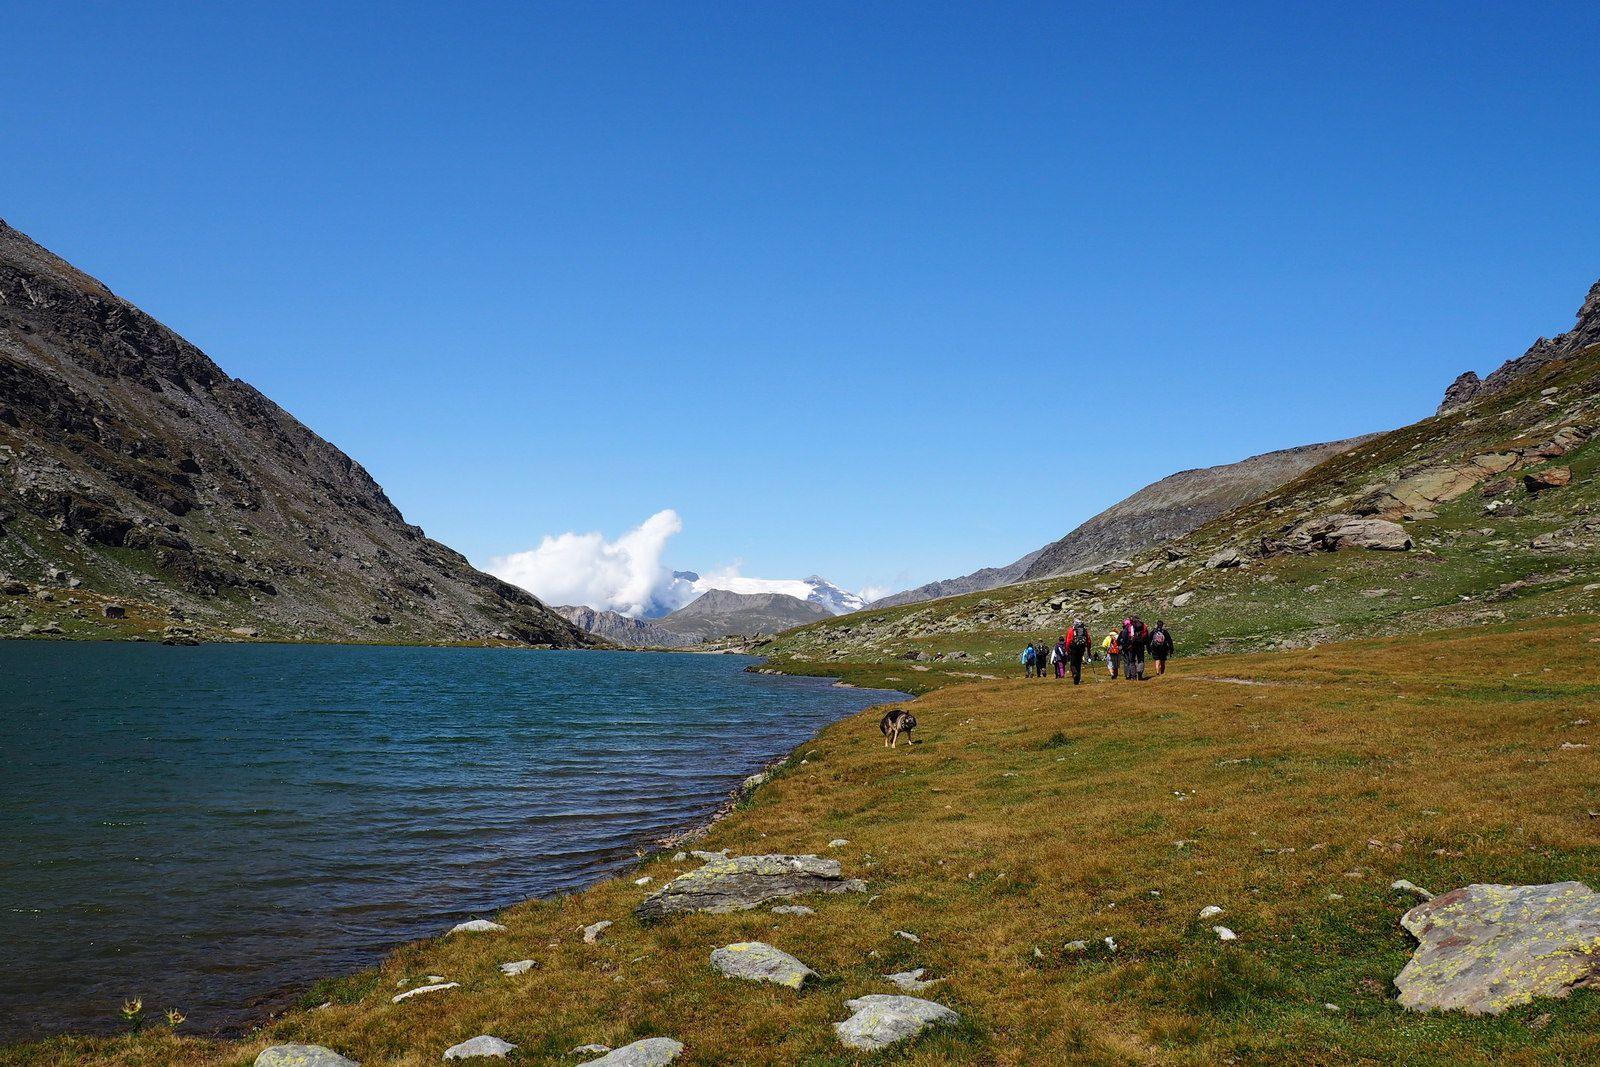 LA HAUT RANDO (rando 15) Le lac de Savines, col Clapier, col du petit Mont Cenis, Lanslebourg mont Cenis.